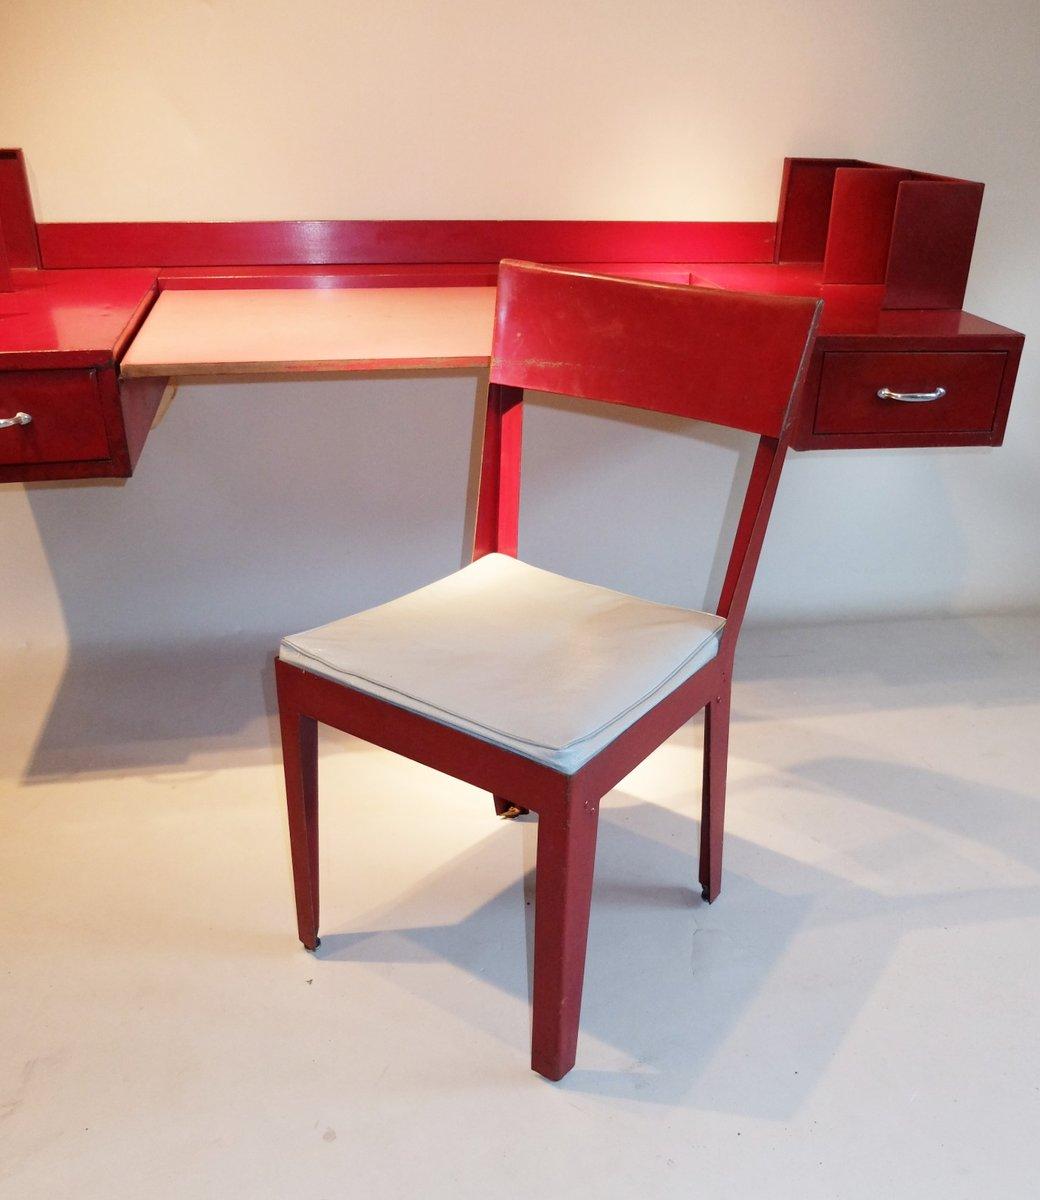 chaise et bureau par jean prouvé & jules leleu, 1936 en vente sur ... - Chaise Jean Prouve Prix